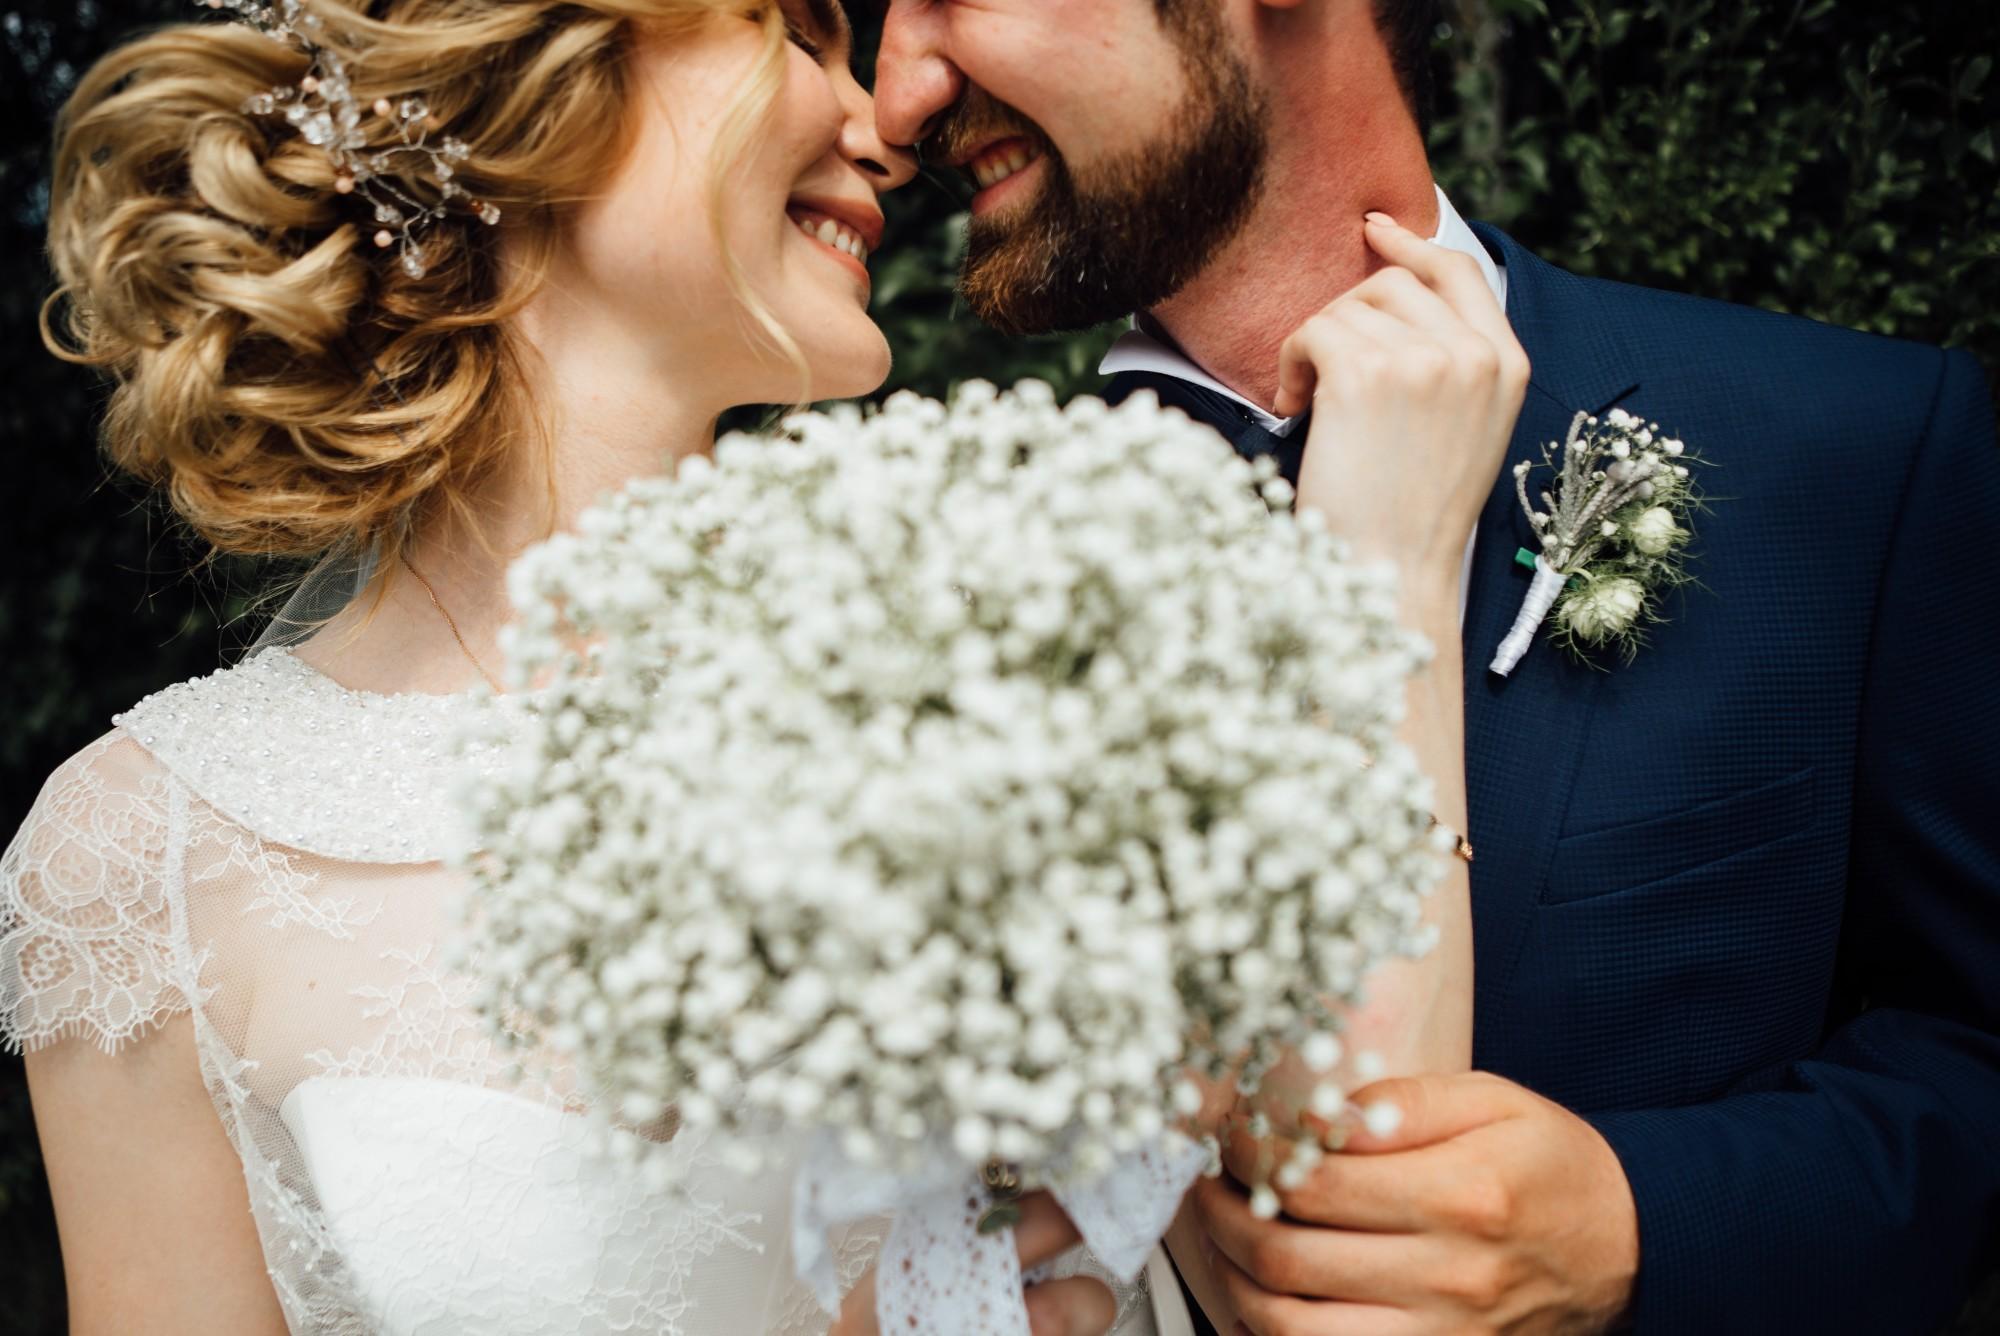 Faire de jolies photos pour son mariage, tout un programme !